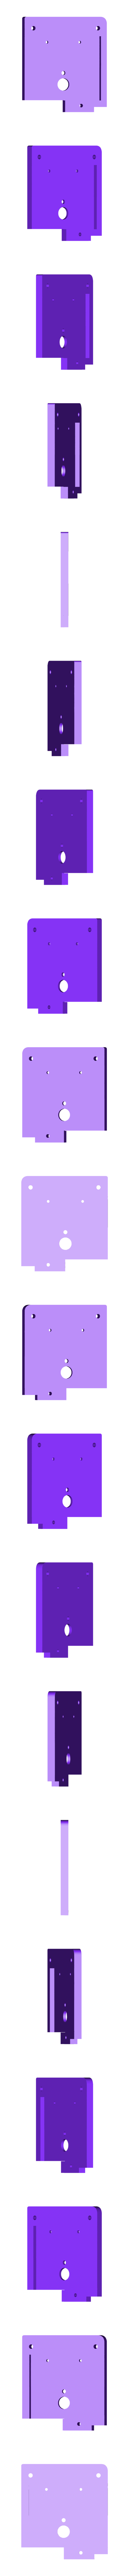 side_RT_panel_GB2_CUT_FRONT.stl Télécharger fichier STL gratuit Ghostbuster Ghostbuster Ghosttrap • Modèle pour impression 3D, SLIDES